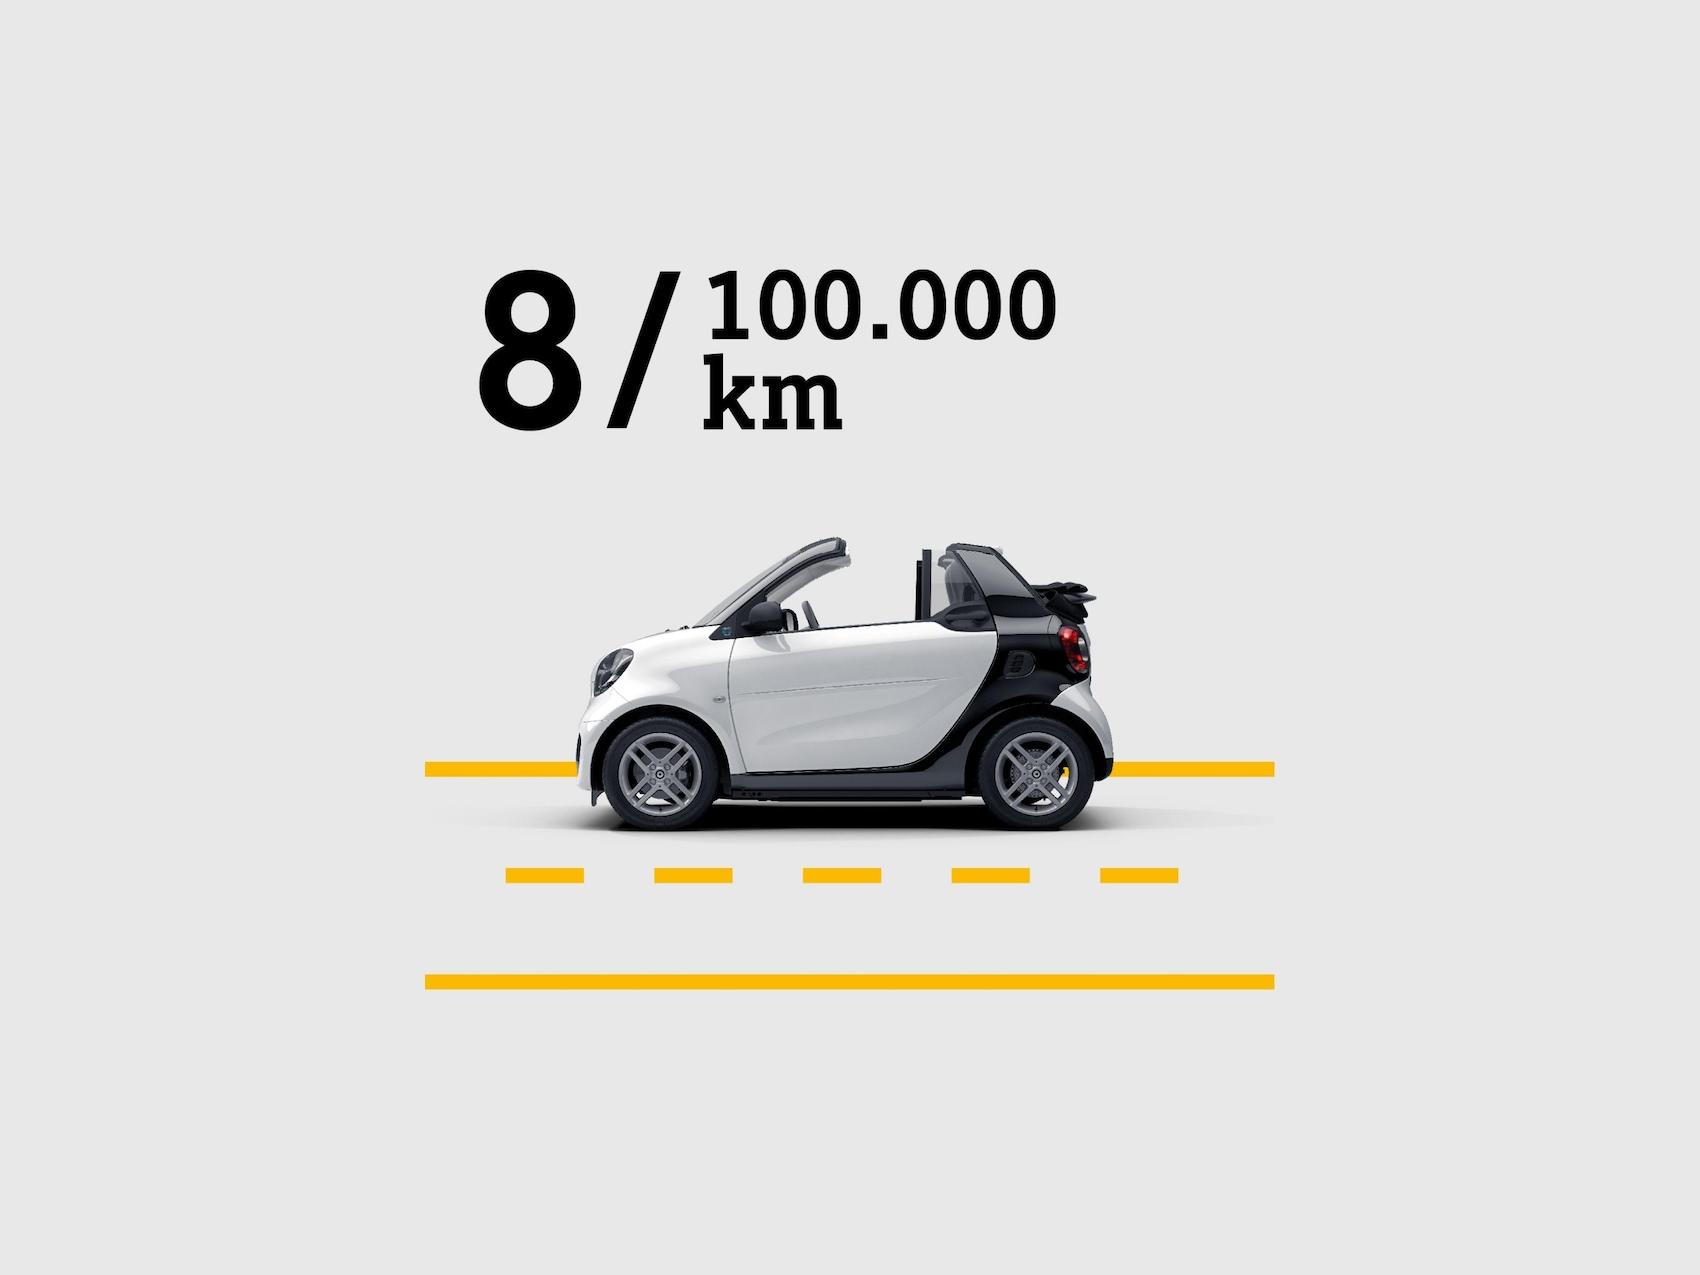 smart EQ fortwo cabrio sur une route esquissée illustre la promesse « 8 years or 100 km ».